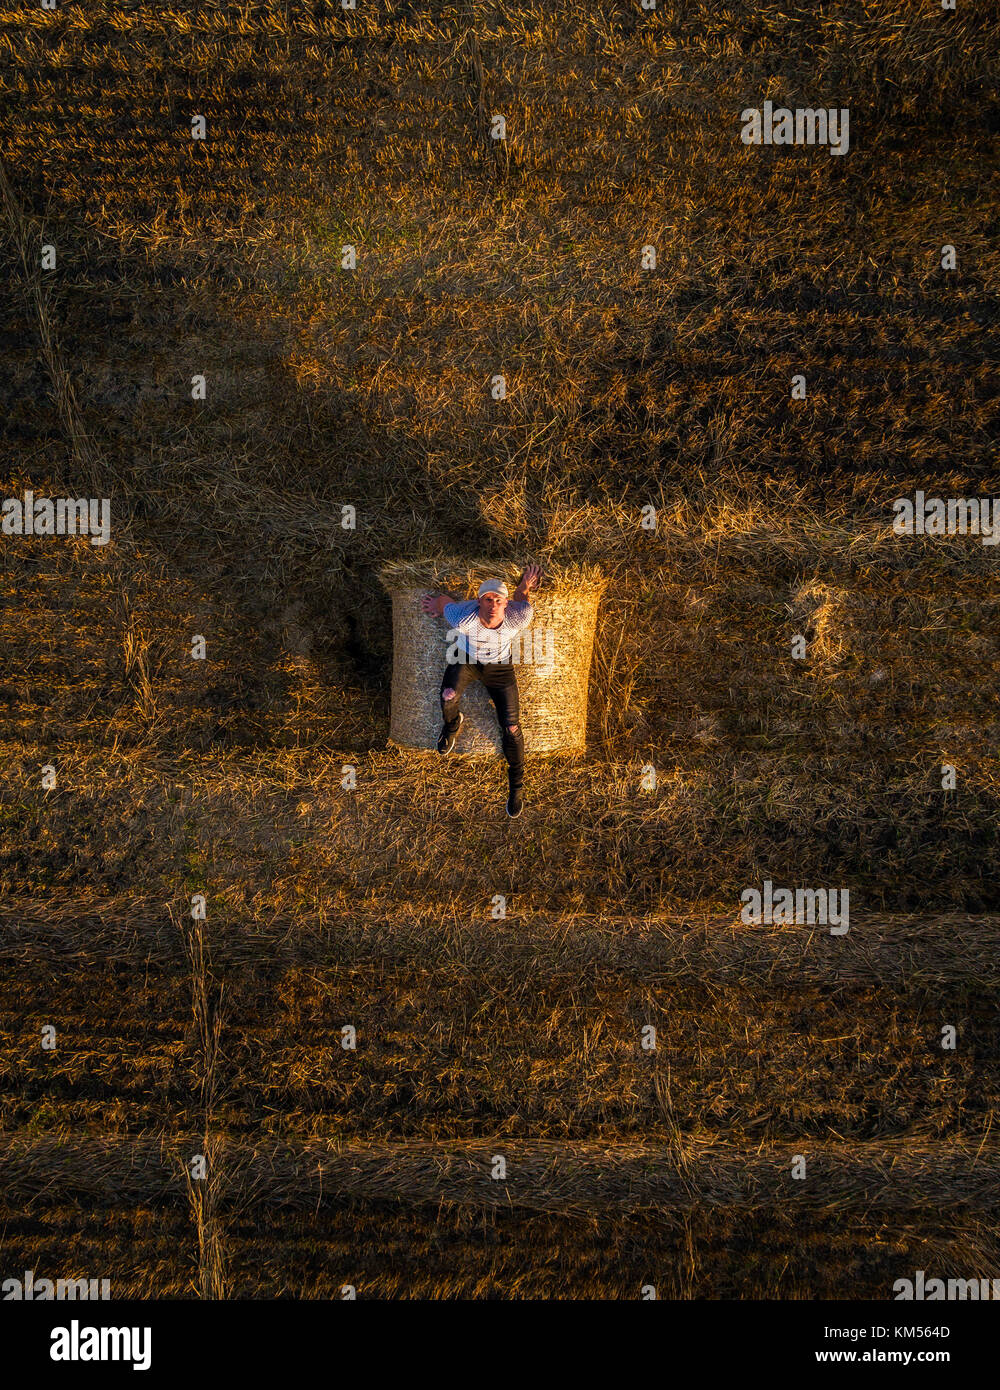 Joven disfruta del sol en la parte superior de una paca de heno Imagen De Stock